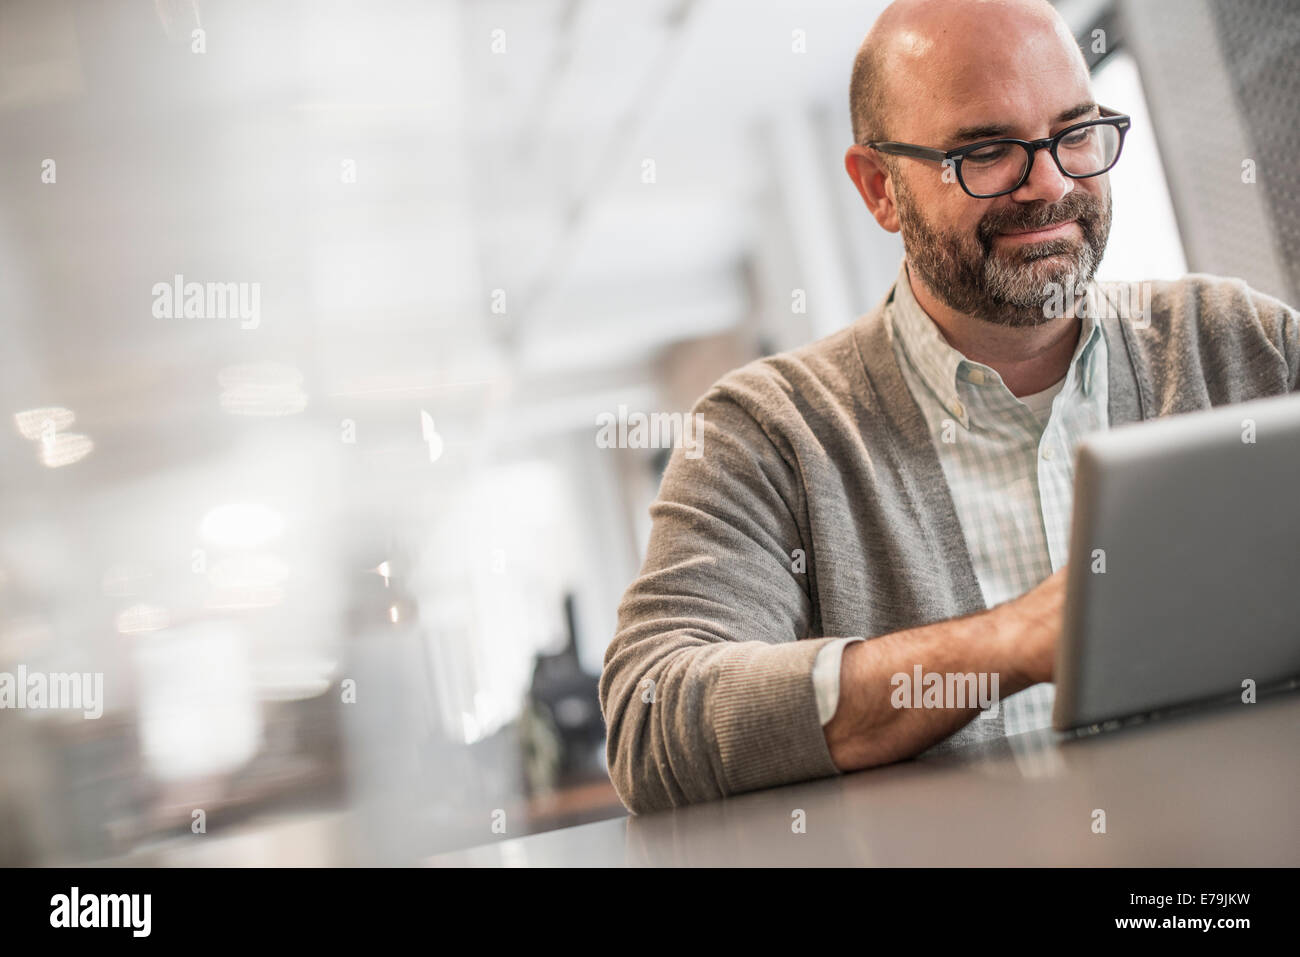 La vie de bureau. Un homme assis à une table, en train de travailler sur un ordinateur portable. Photo Stock